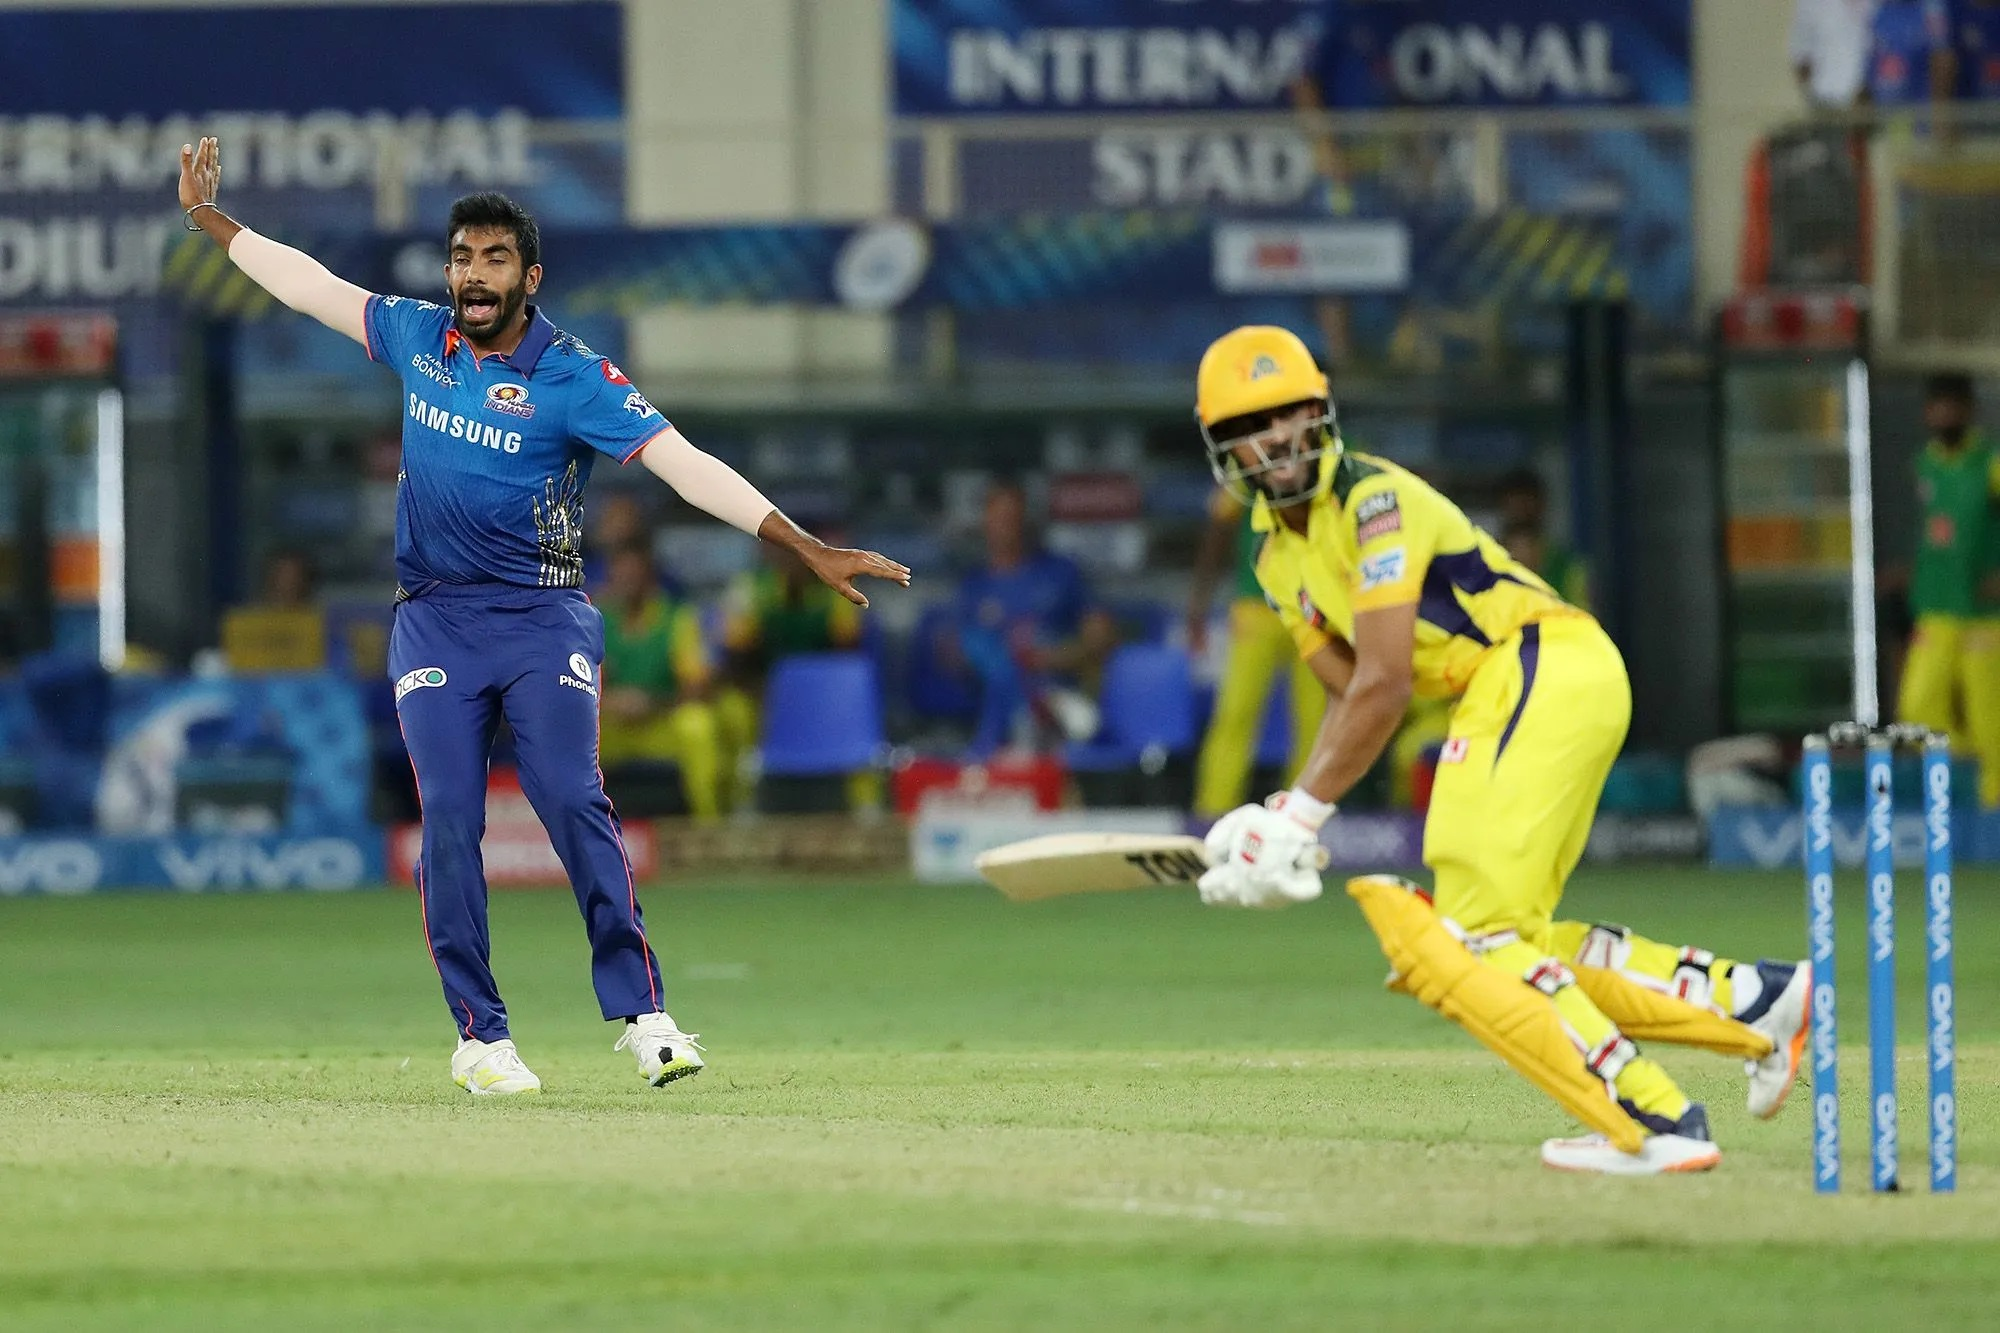 पोलार्ड ने बुमराह का इस्तेमाल रोहित से जुदा अंदाज में किया। बुमराह को शुरुआती 6 ओवर बॉलिंग नहीं दी। 5वें ओवर में बॉल थमाई थी, लेकिन फिर वापस ले ली। बुमराह आए तो चेन्नई की आधी टीम पवेलियन लौट चुकी थी, 4 विकेट गिर गए थे। बुमराह ने 2 विकेट लिए। ये उनका IPL का 100वां मैच था।